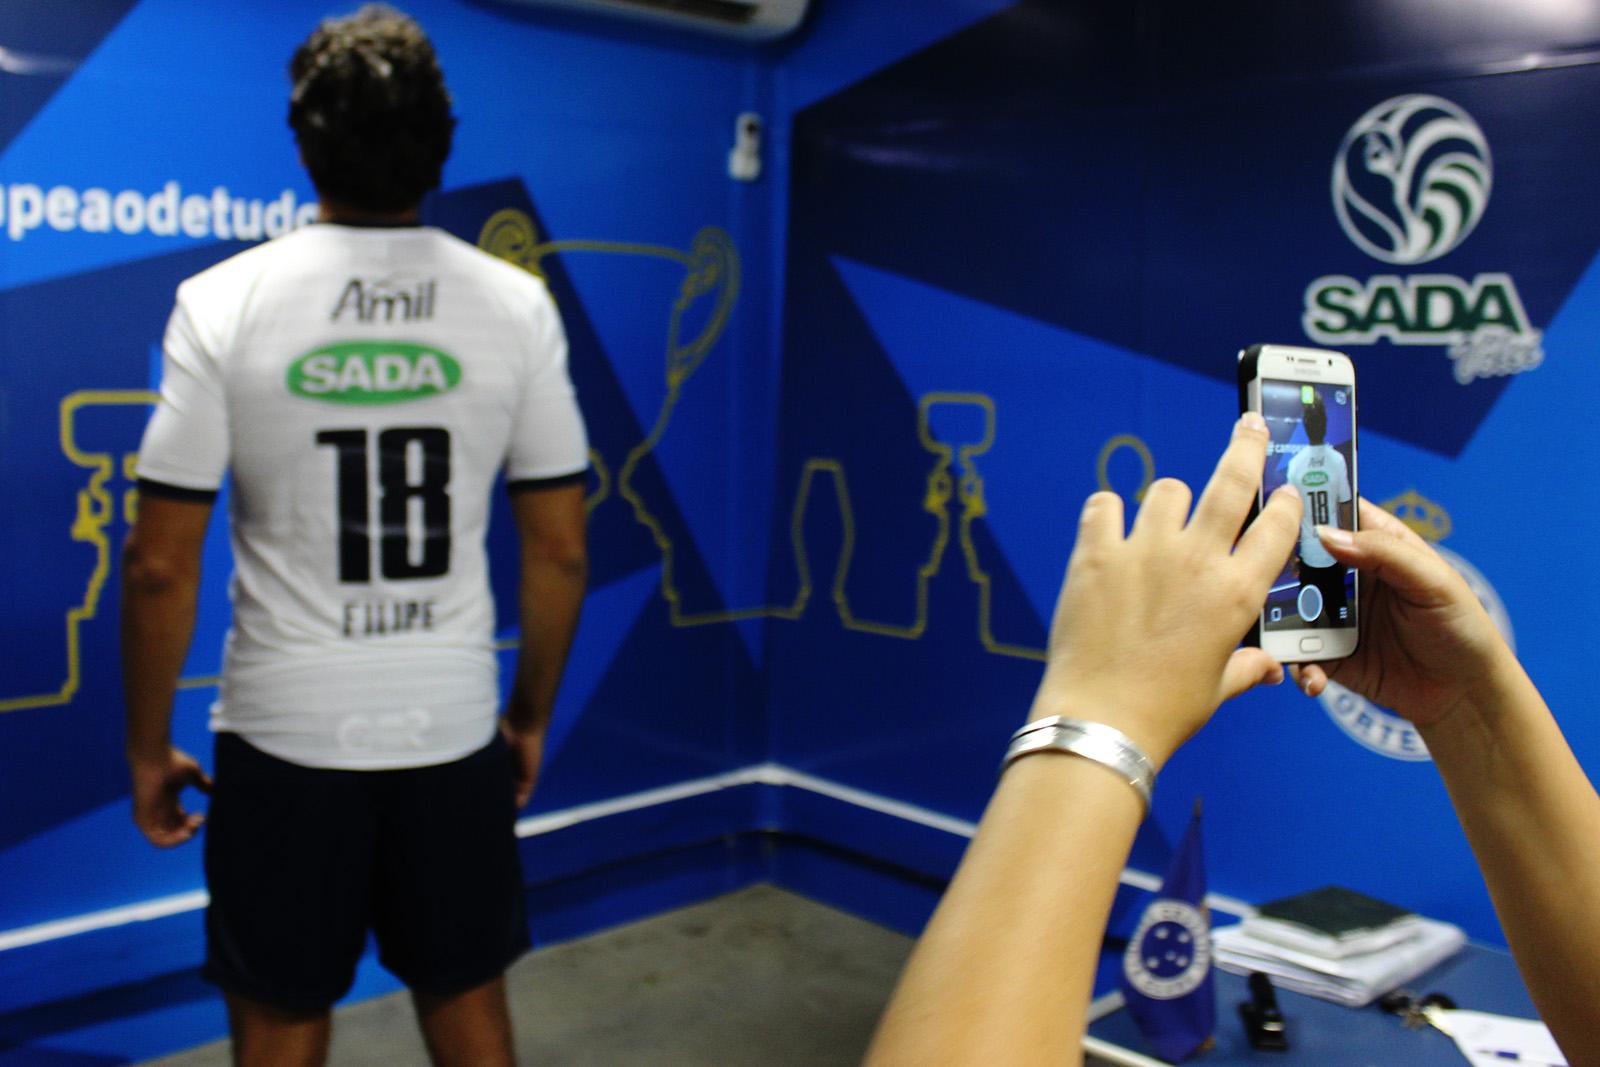 35fd009d9c255 Sada Cruzeiro apresenta uniforme para a temporada 2015 16 — Sada ...